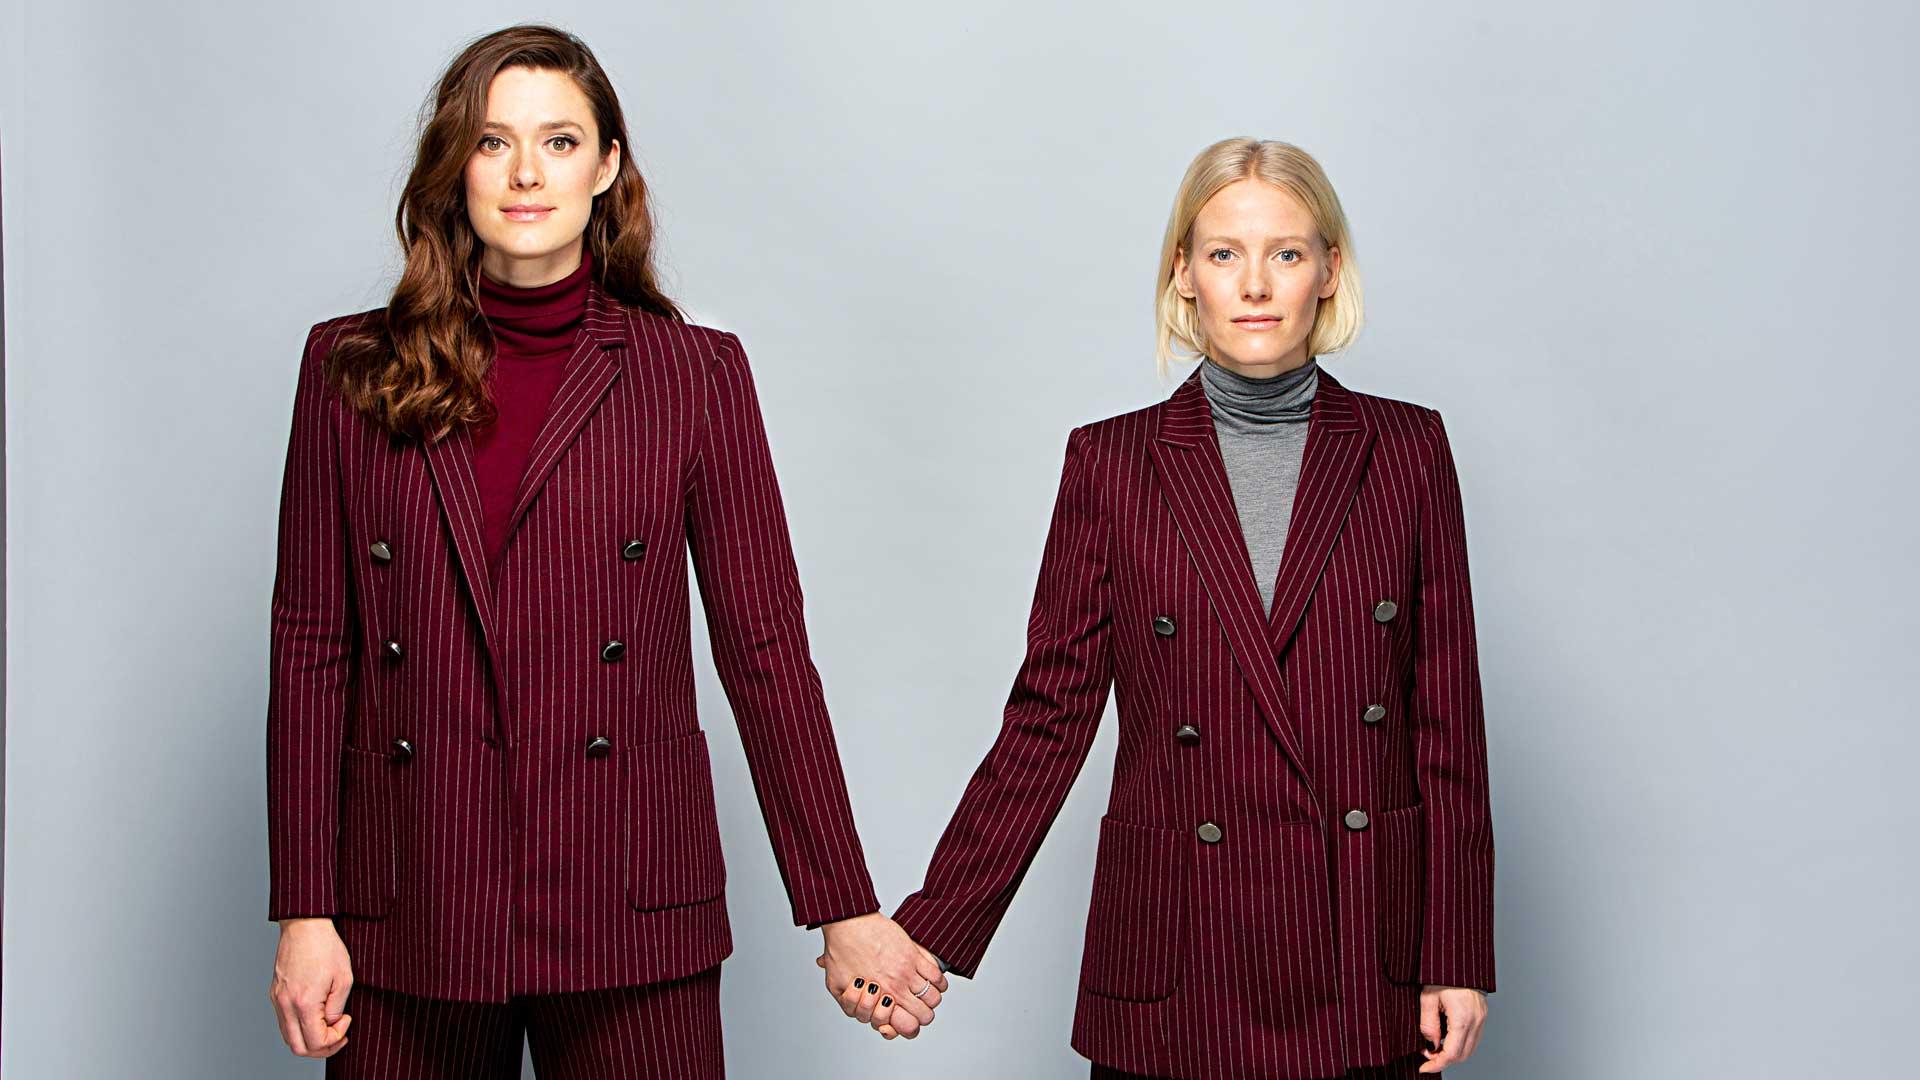 """Näyttelijät Krista Kosonen ja Laura Birn voivat nykyään valita, millaisiin projekteihin lähtevät mukaan. """"On osa taiteilijuutta pohtia, millaisia tarinoita kerrotaan."""""""